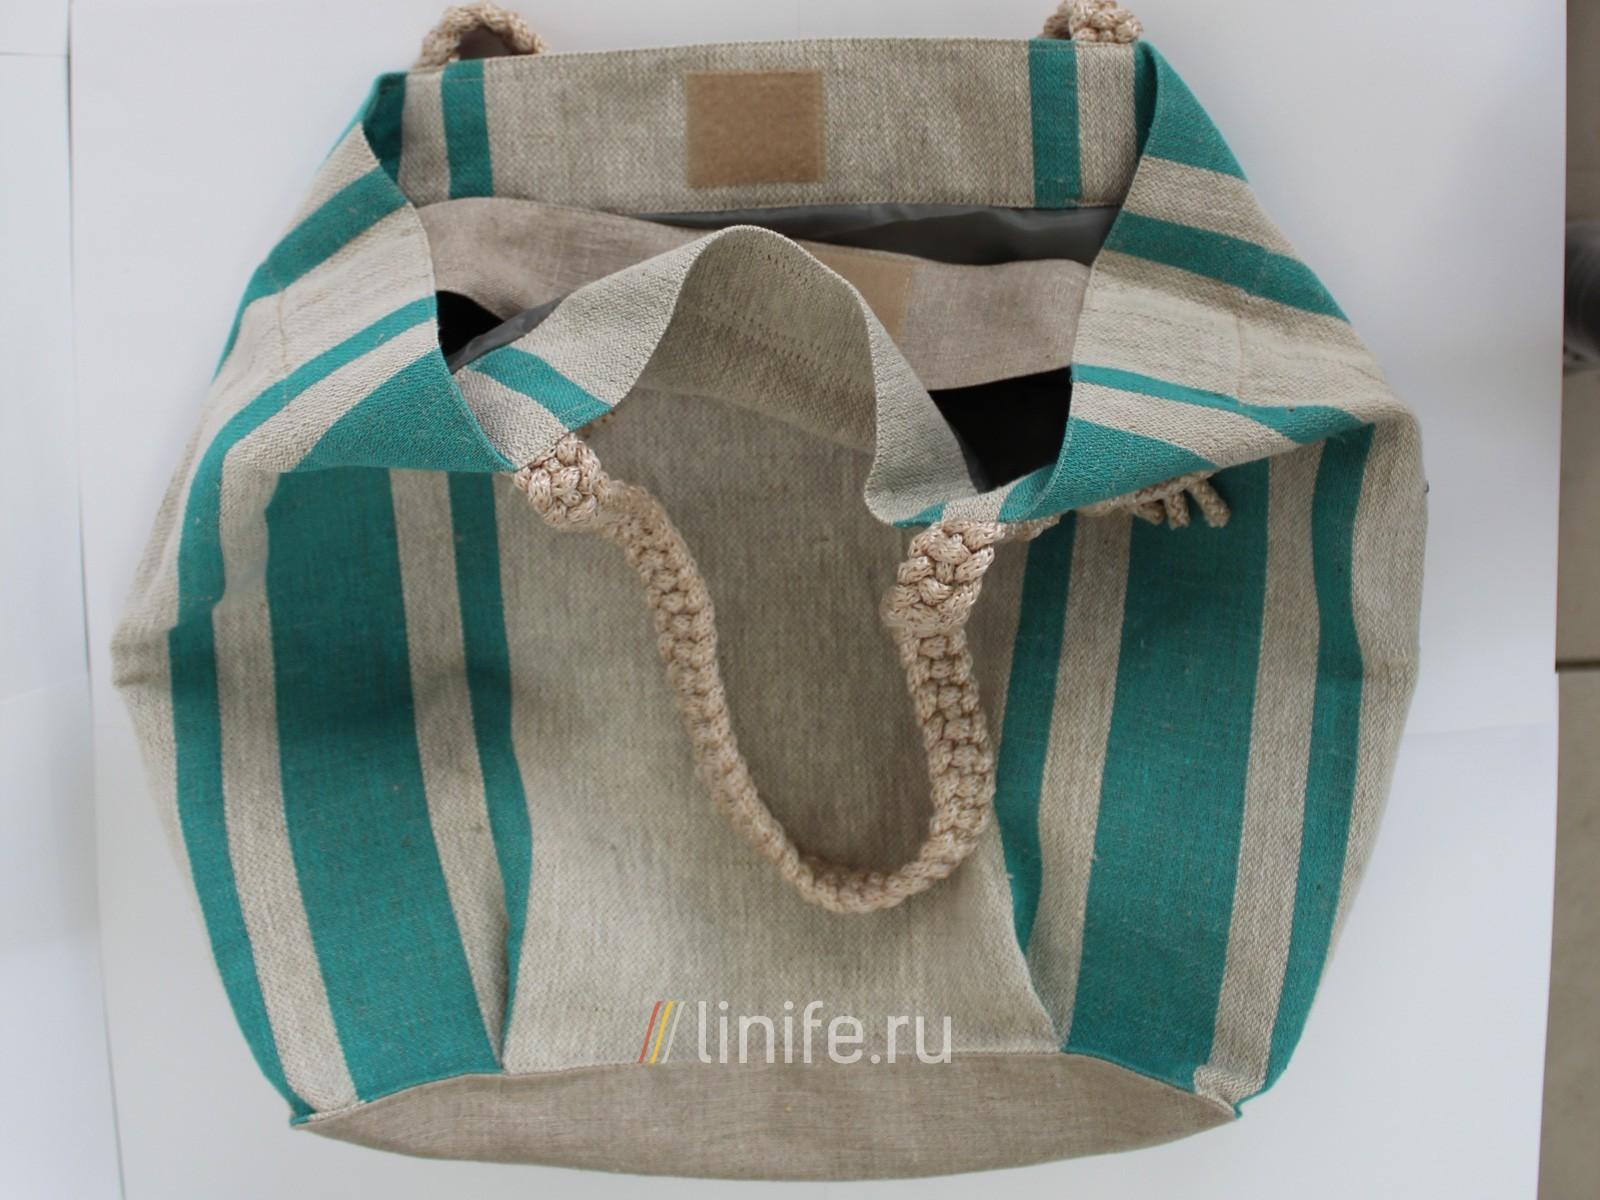 Льняная сумка своими руками фото